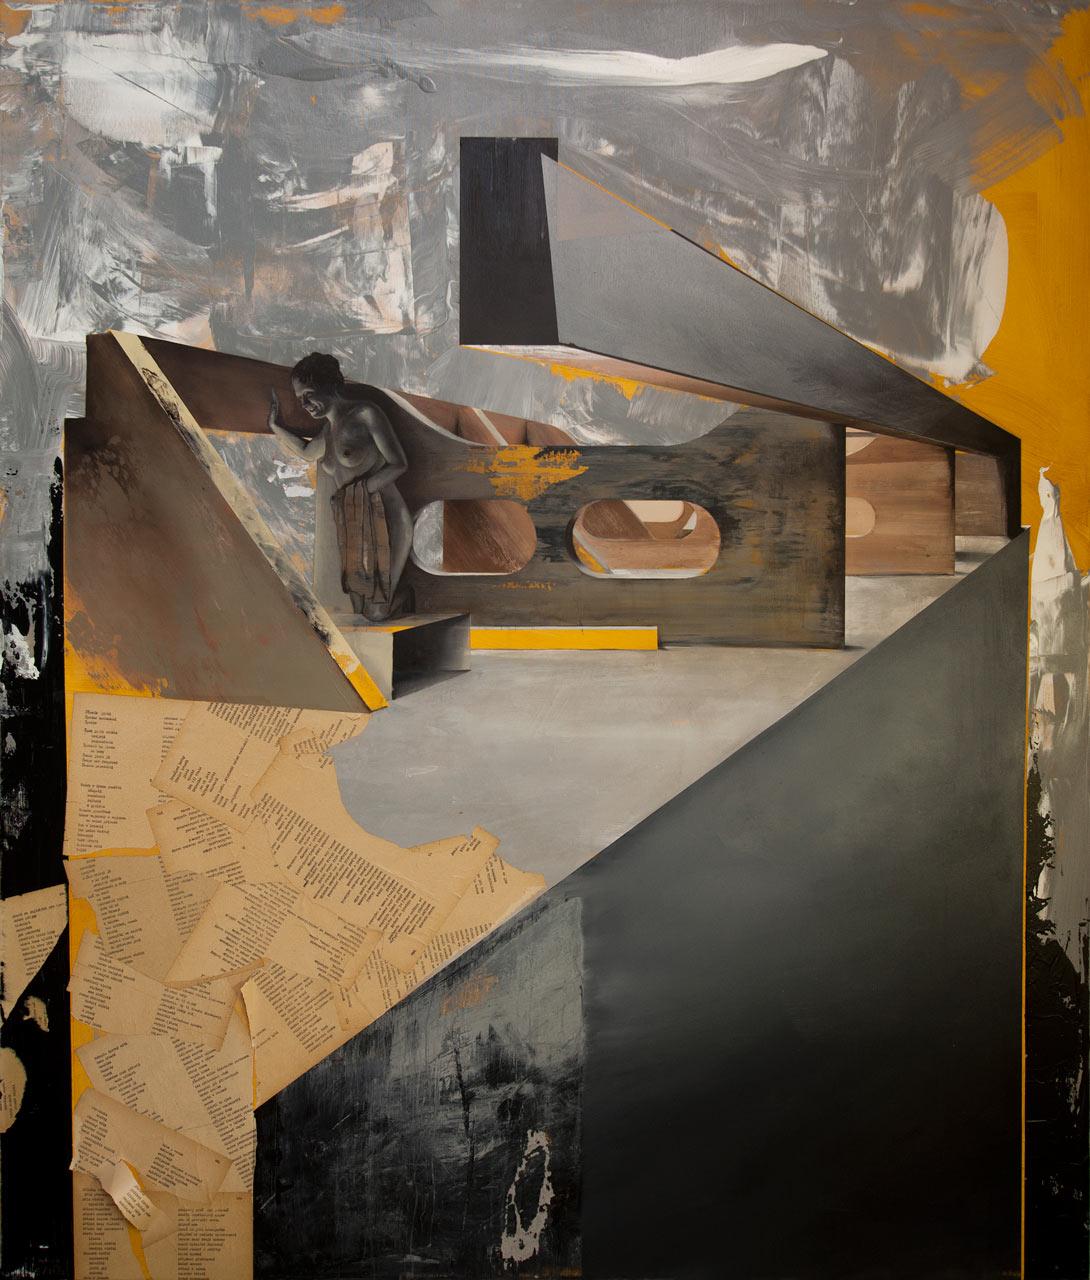 Stříbro surové - neškodilo by ti trochu zbožnosti - akryl, olej a koláž na plátně, 165 x 140 cm, 2019 - v nabídce Knupp Gallery